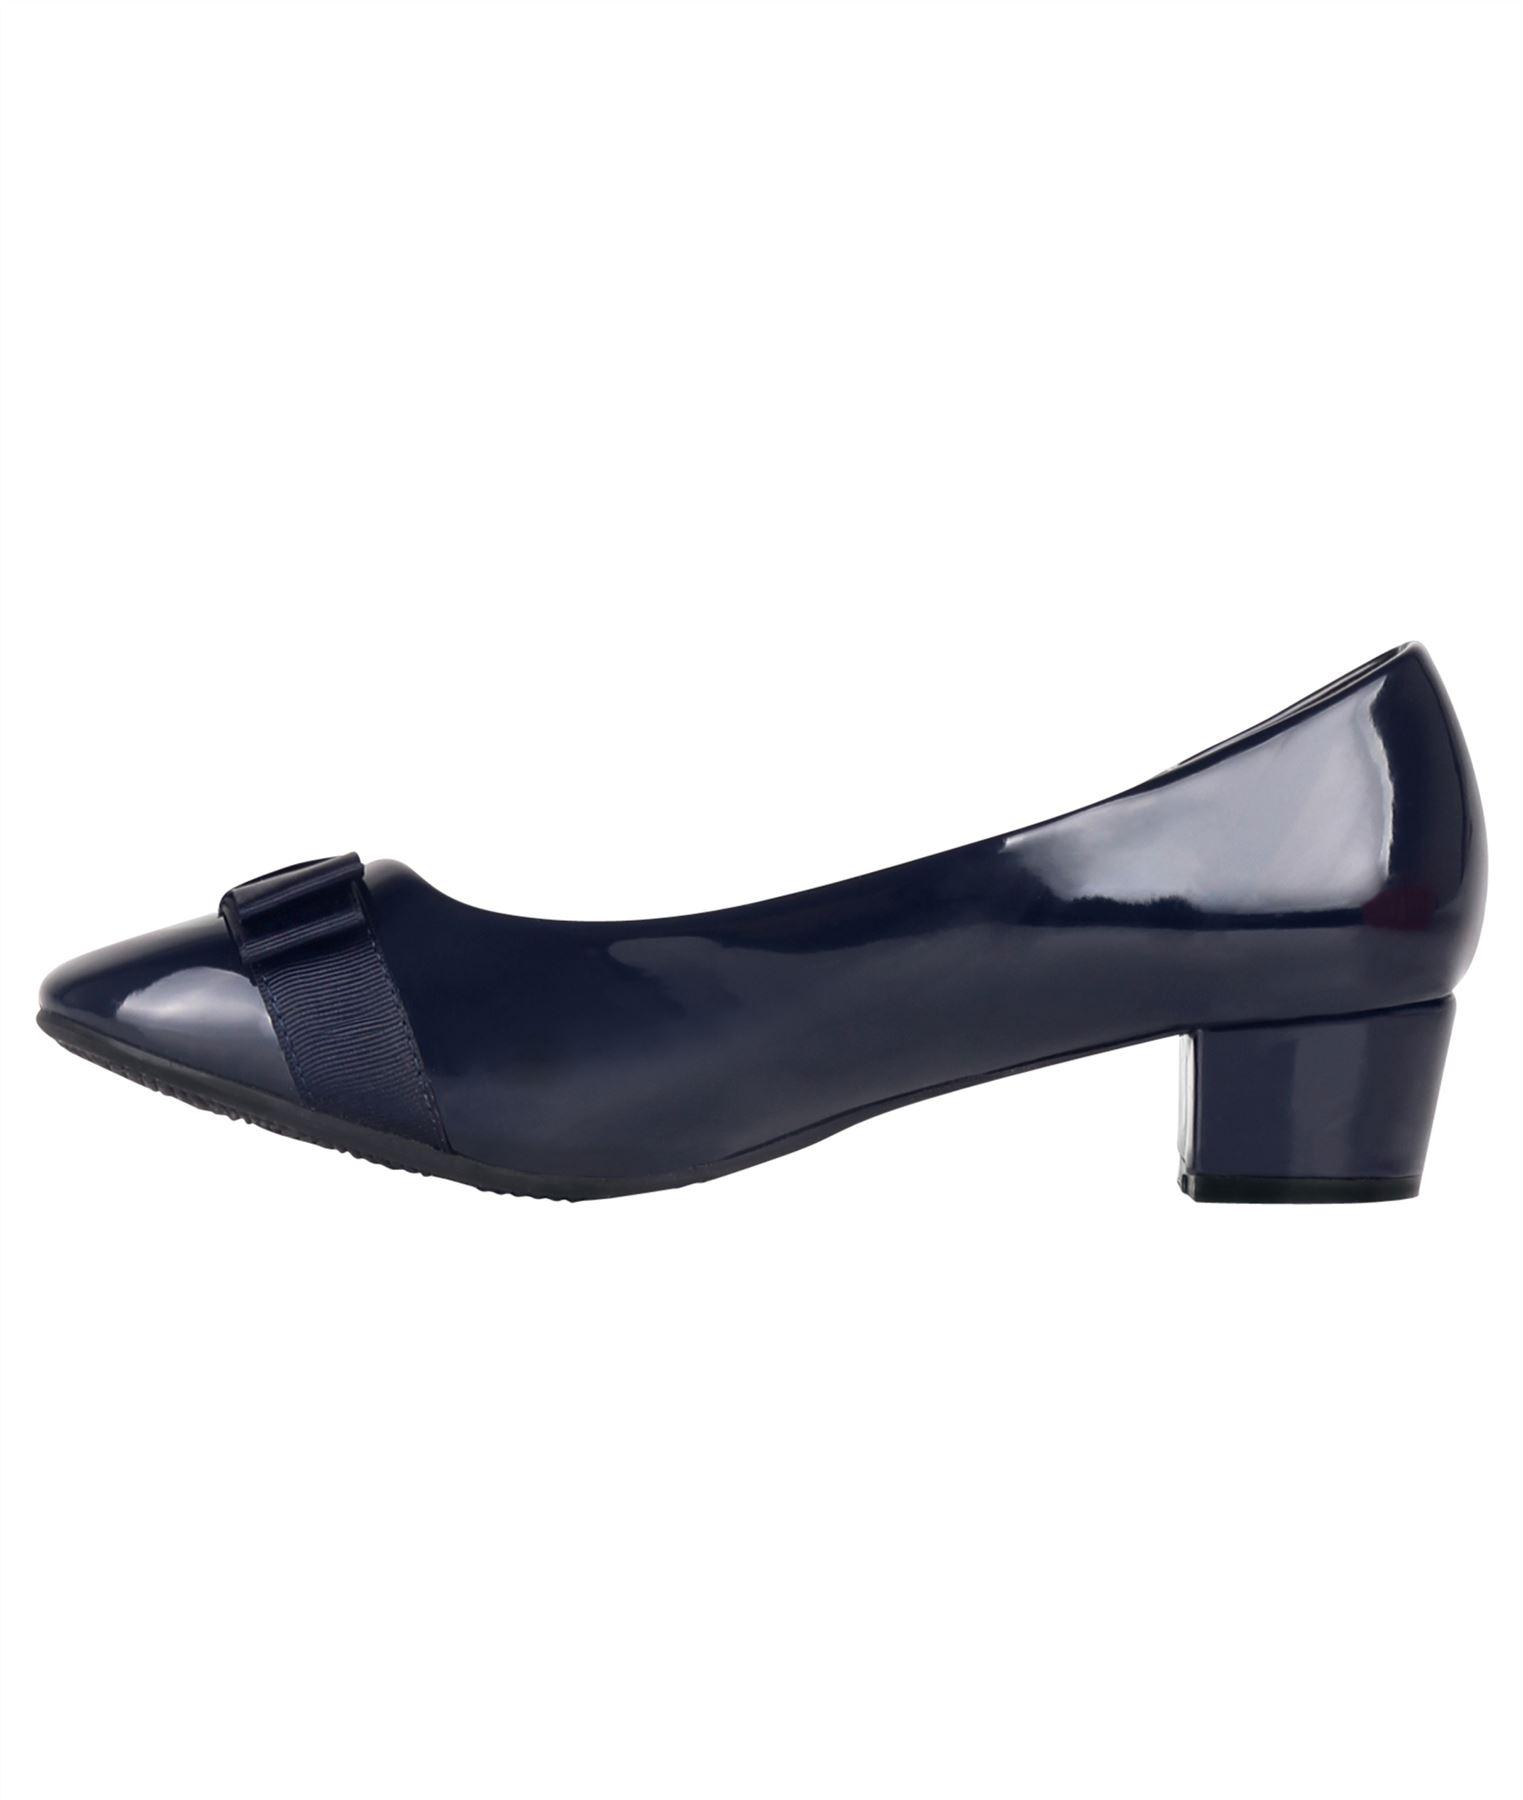 Damen-Elegante-Absatzschuhe-Hochlganz-Pumps-Blockabsatz-Ballerina-Schuhe-Chic Indexbild 21